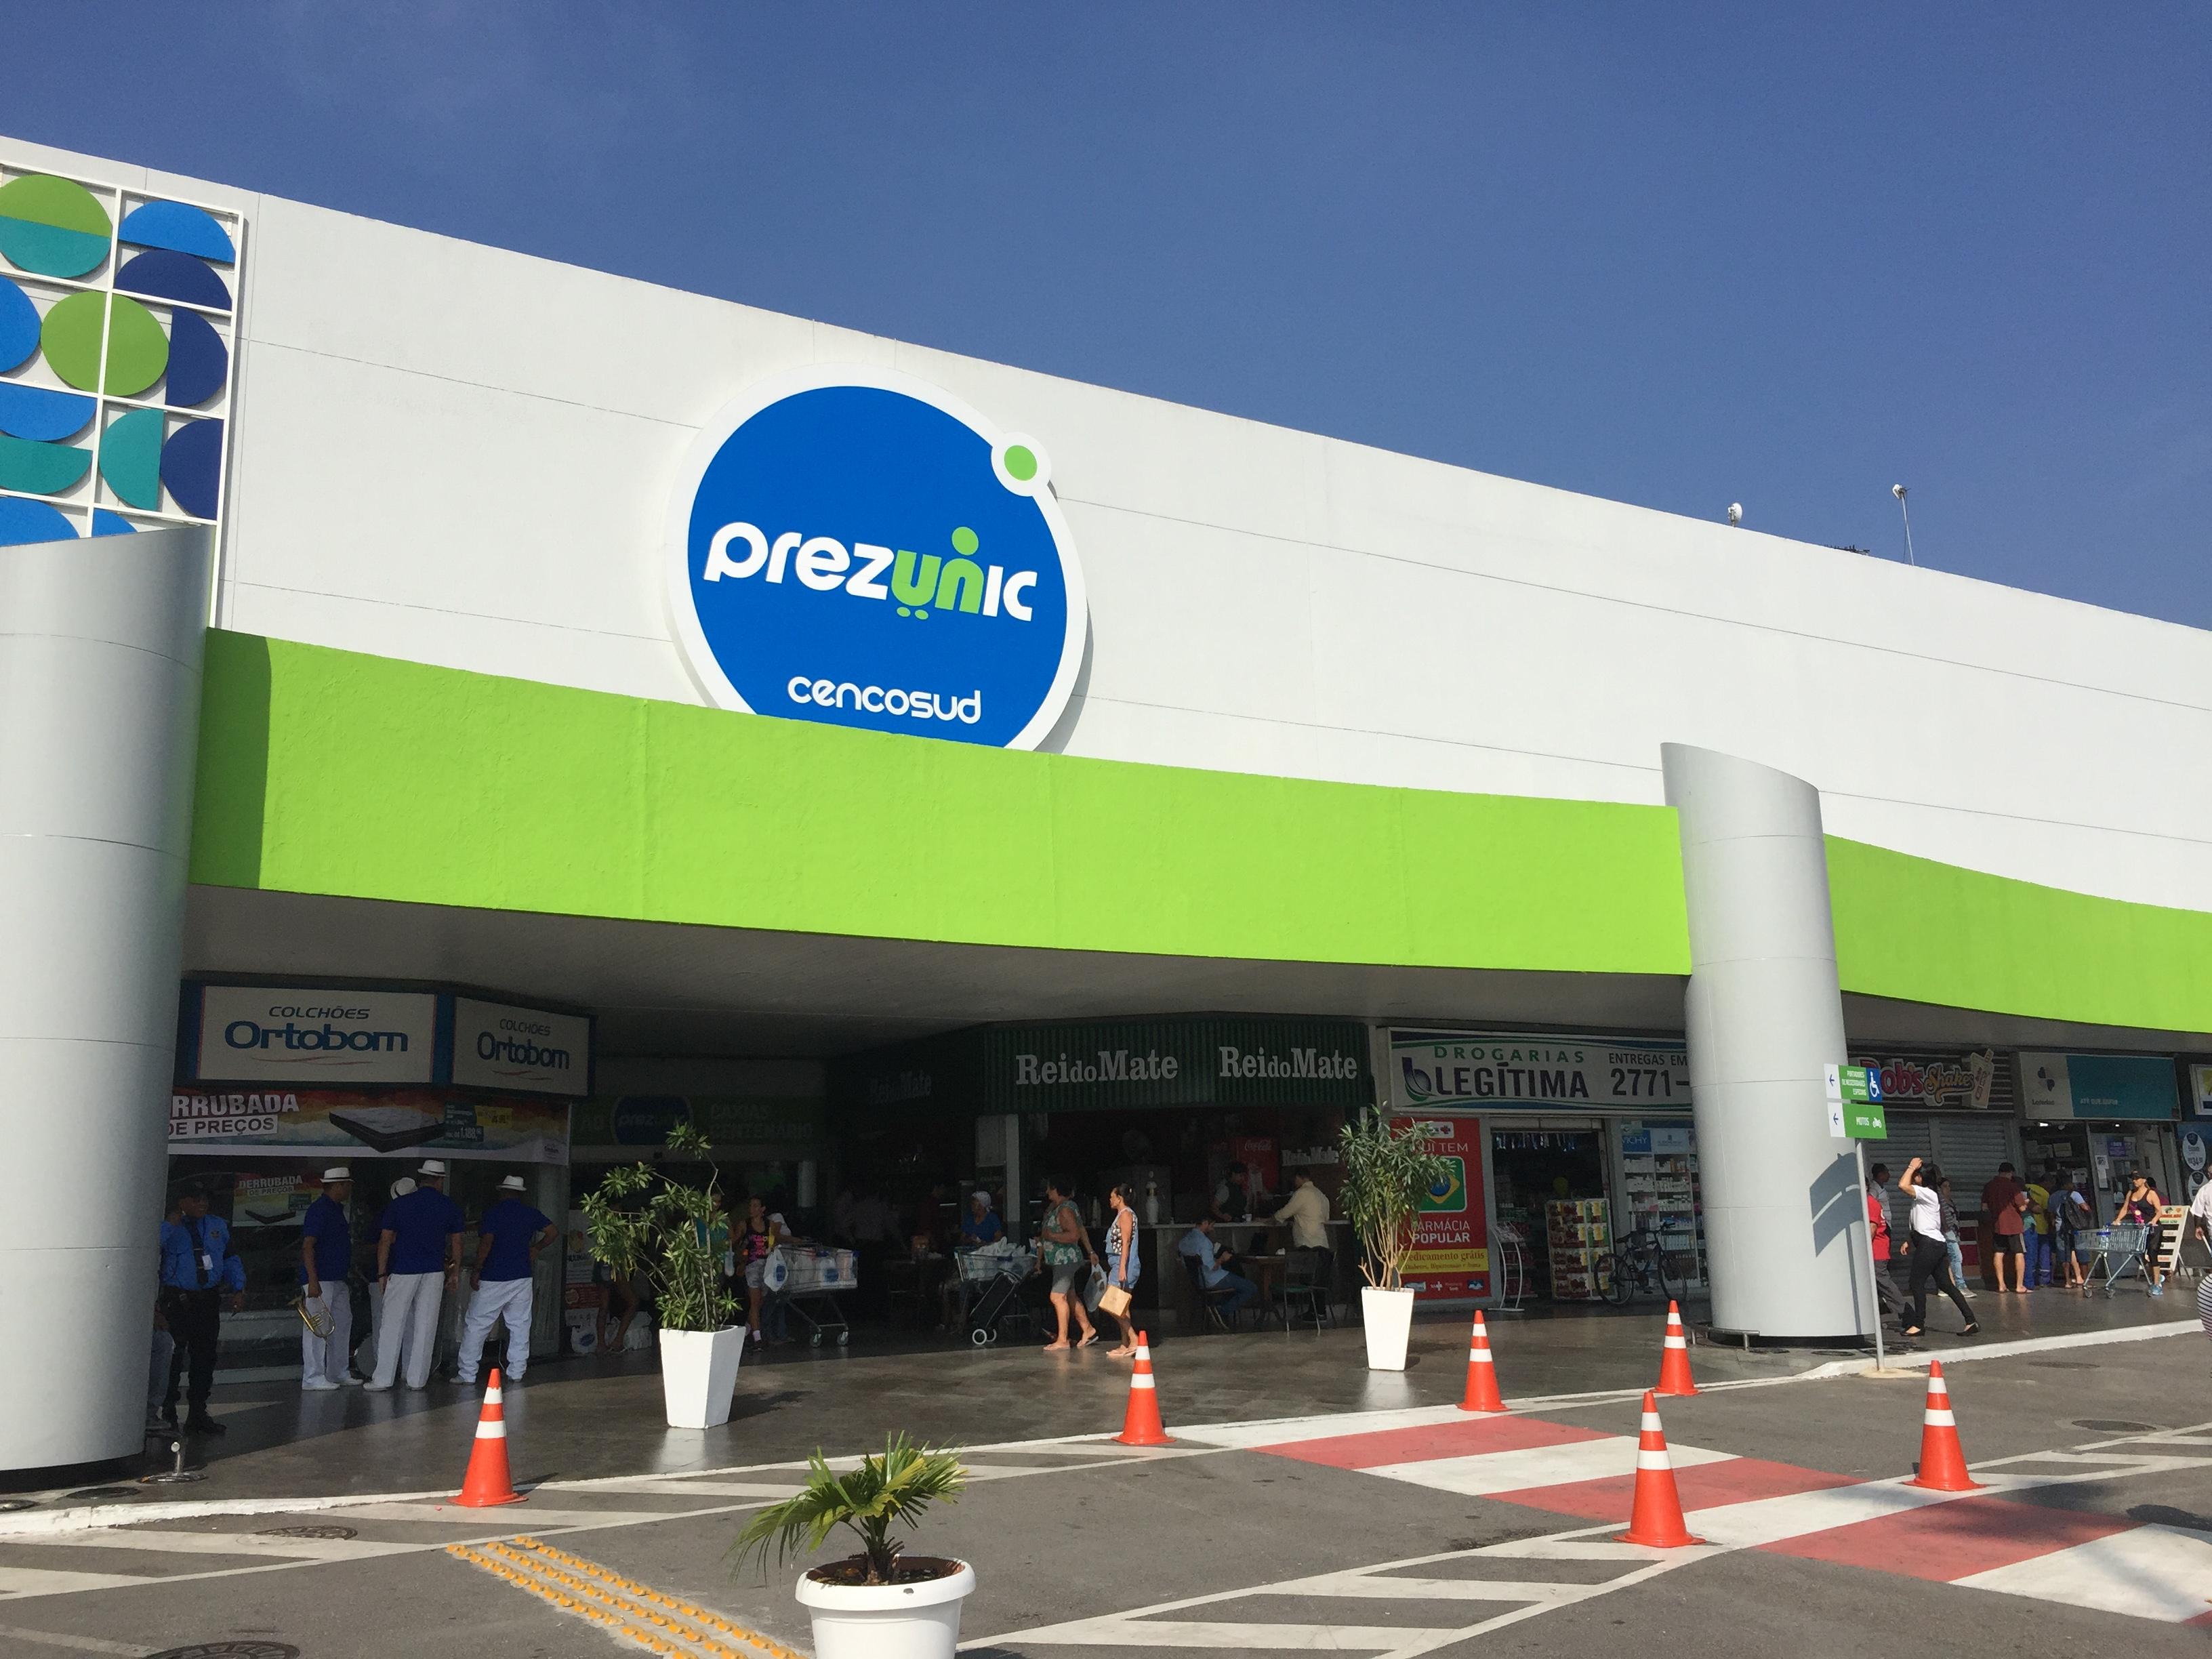 Cencosud moderniza lojas do Prezunic no Rio de Janeiro... 7341feb9d41d4